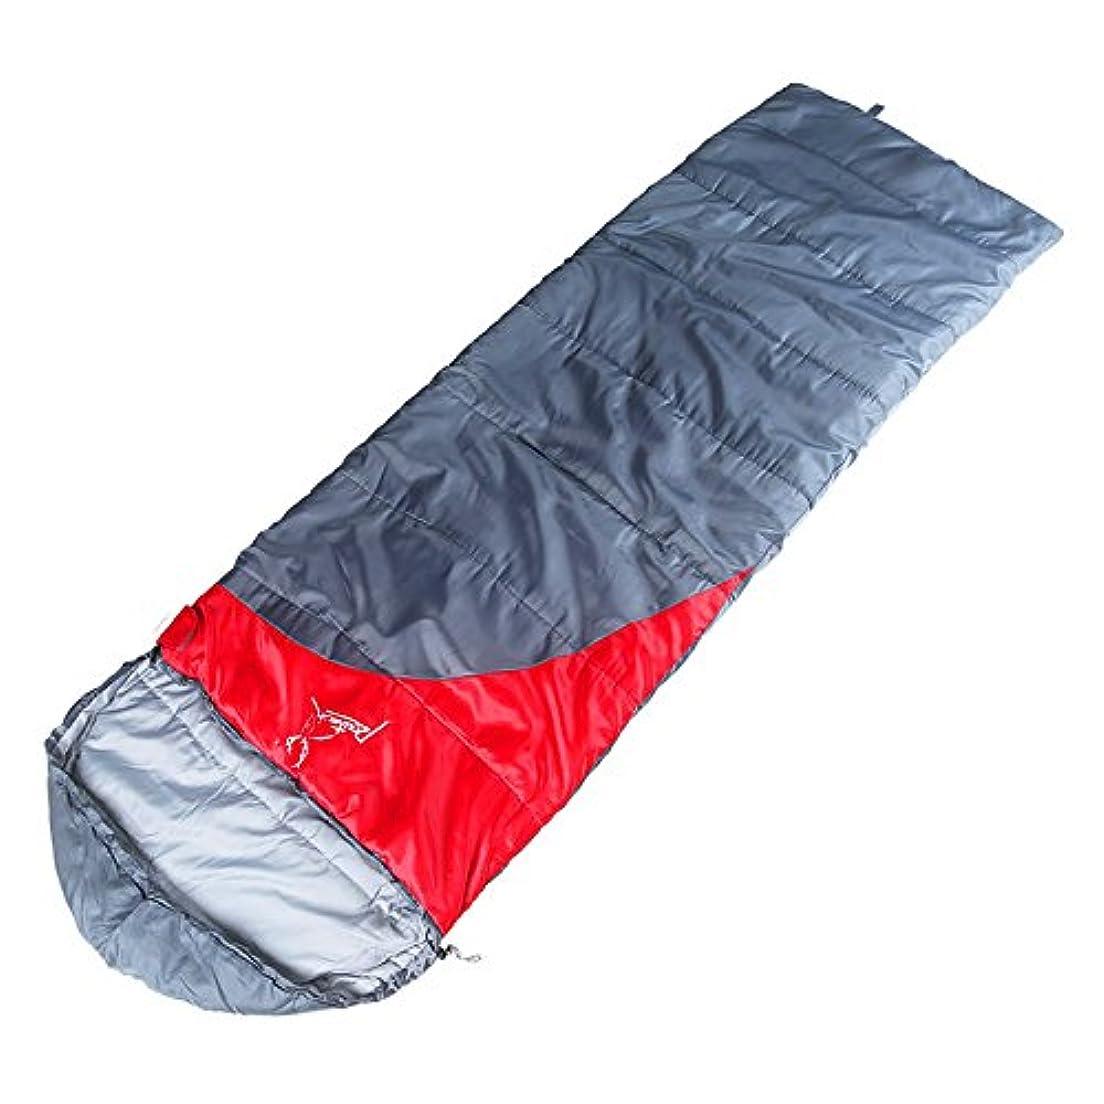 台無しにハブ独立したWaterly ポータブル二重寝袋通気性寝袋防湿湿気のある環境に適して暖かくて安定したフリーサイズ 顧客に愛されて